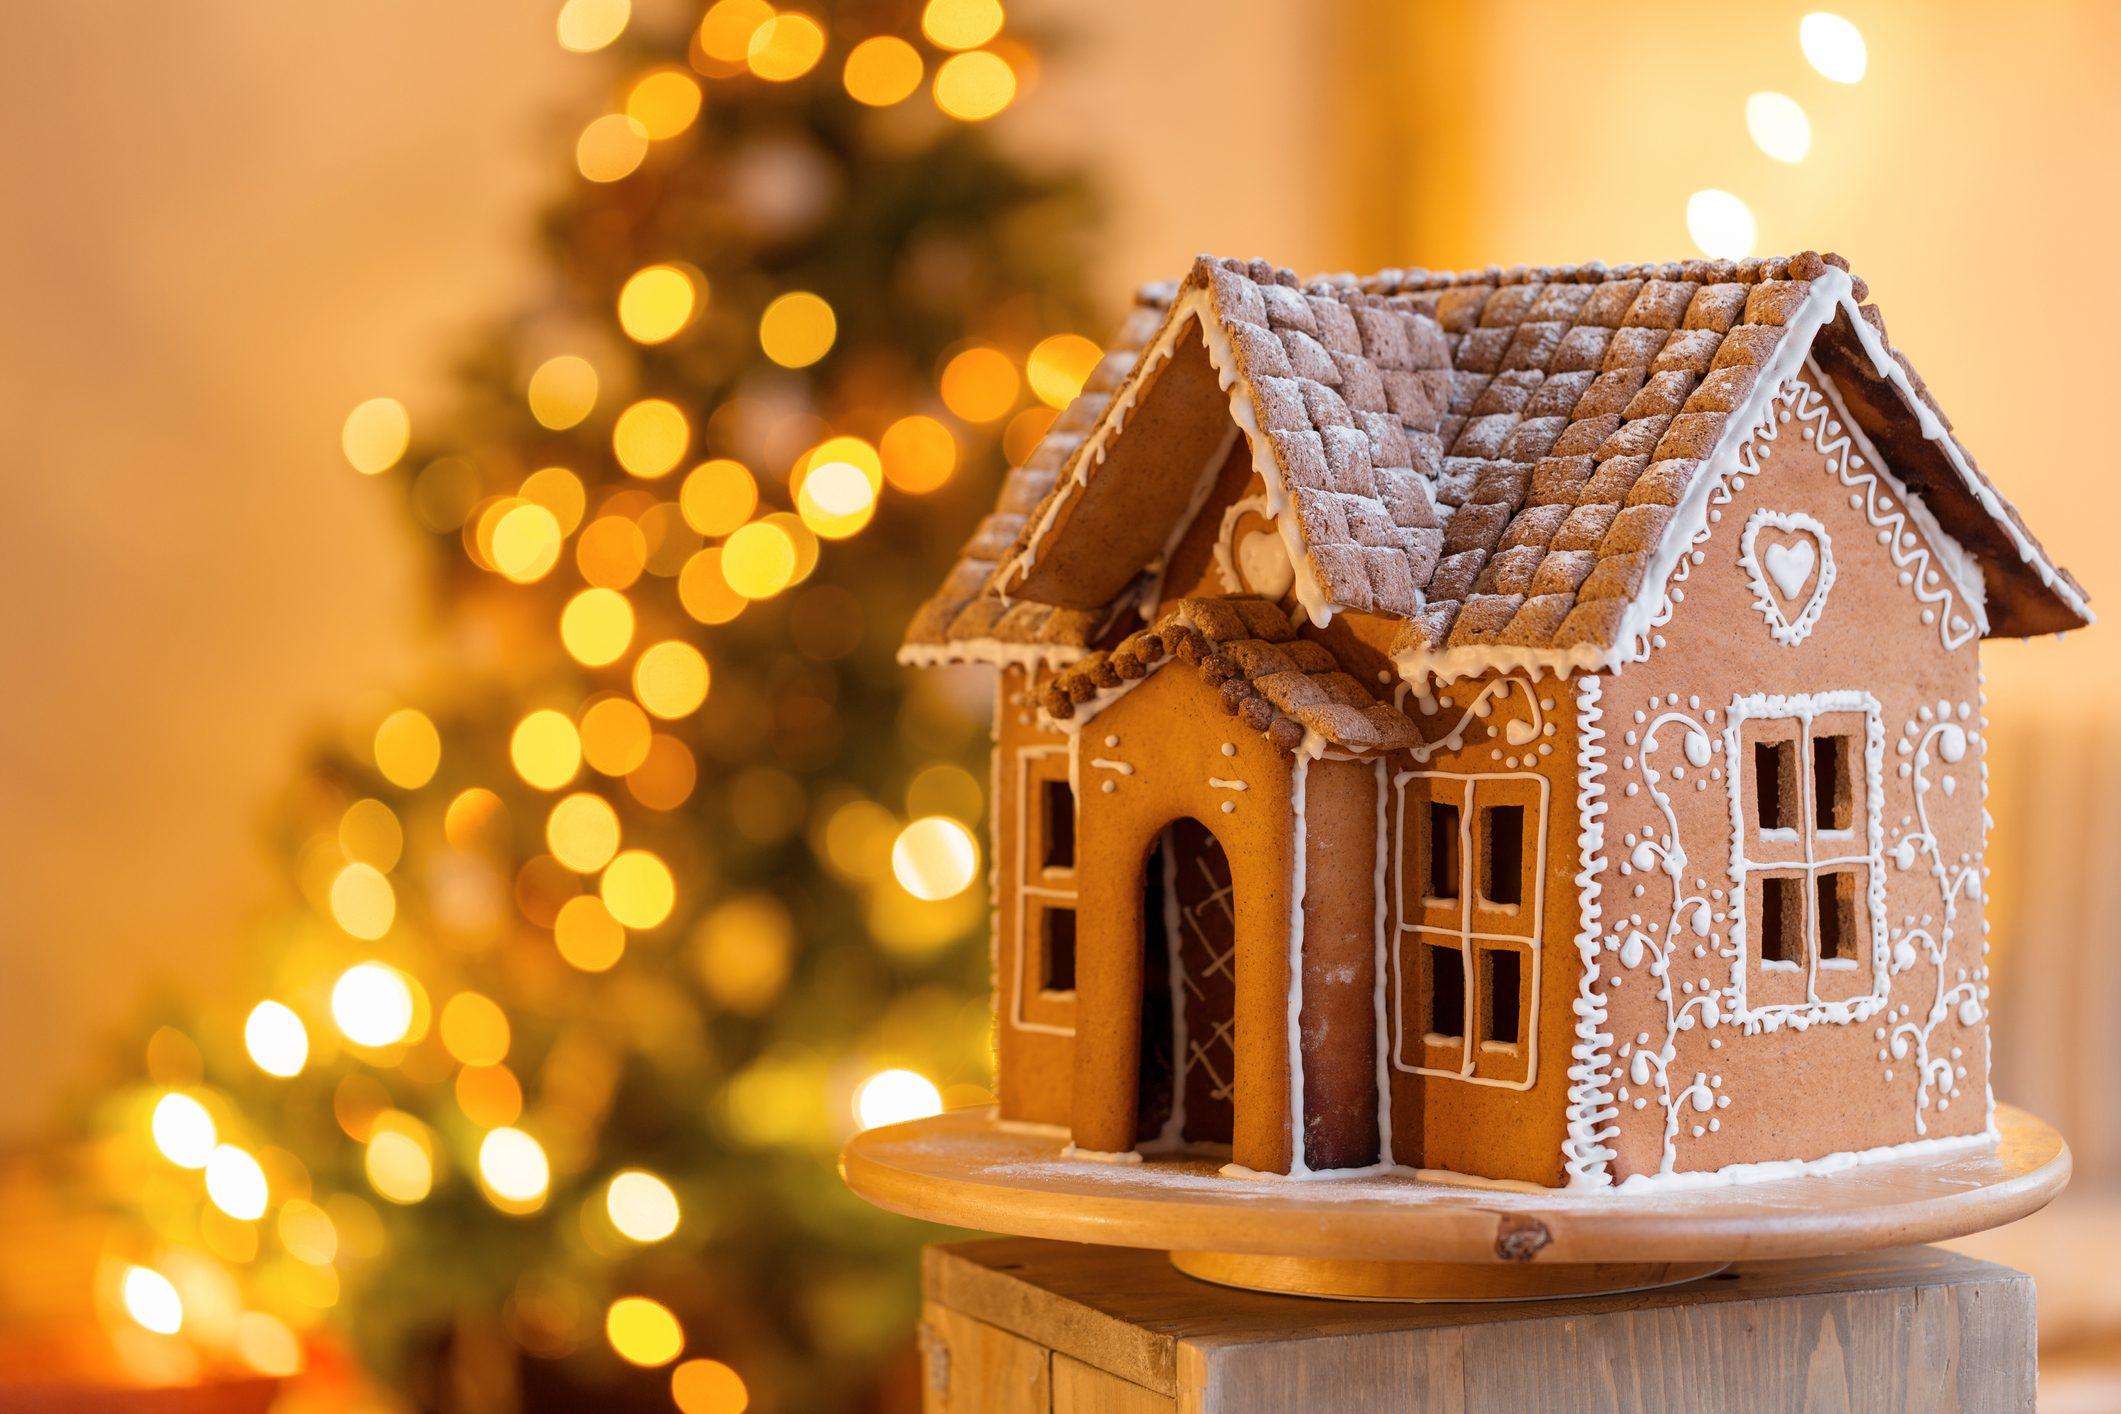 Addobbi natalizi fai da te per la casa ecco cosa non pu for Cose fai da te per la casa